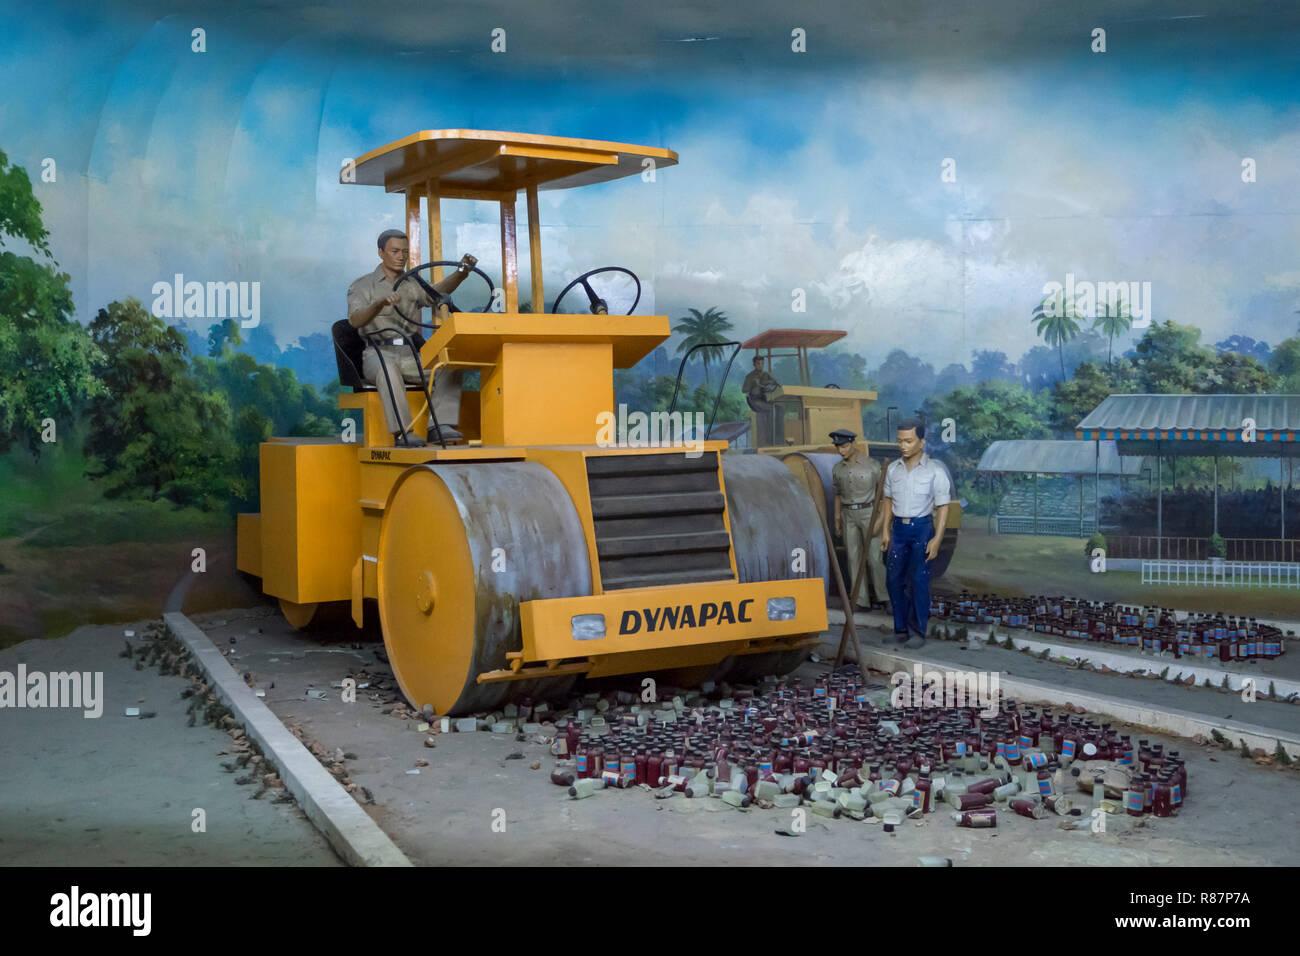 Machine à détruire la drogue au Musée d'élimination des drogues à Yangon, Myanmar. Banque D'Images